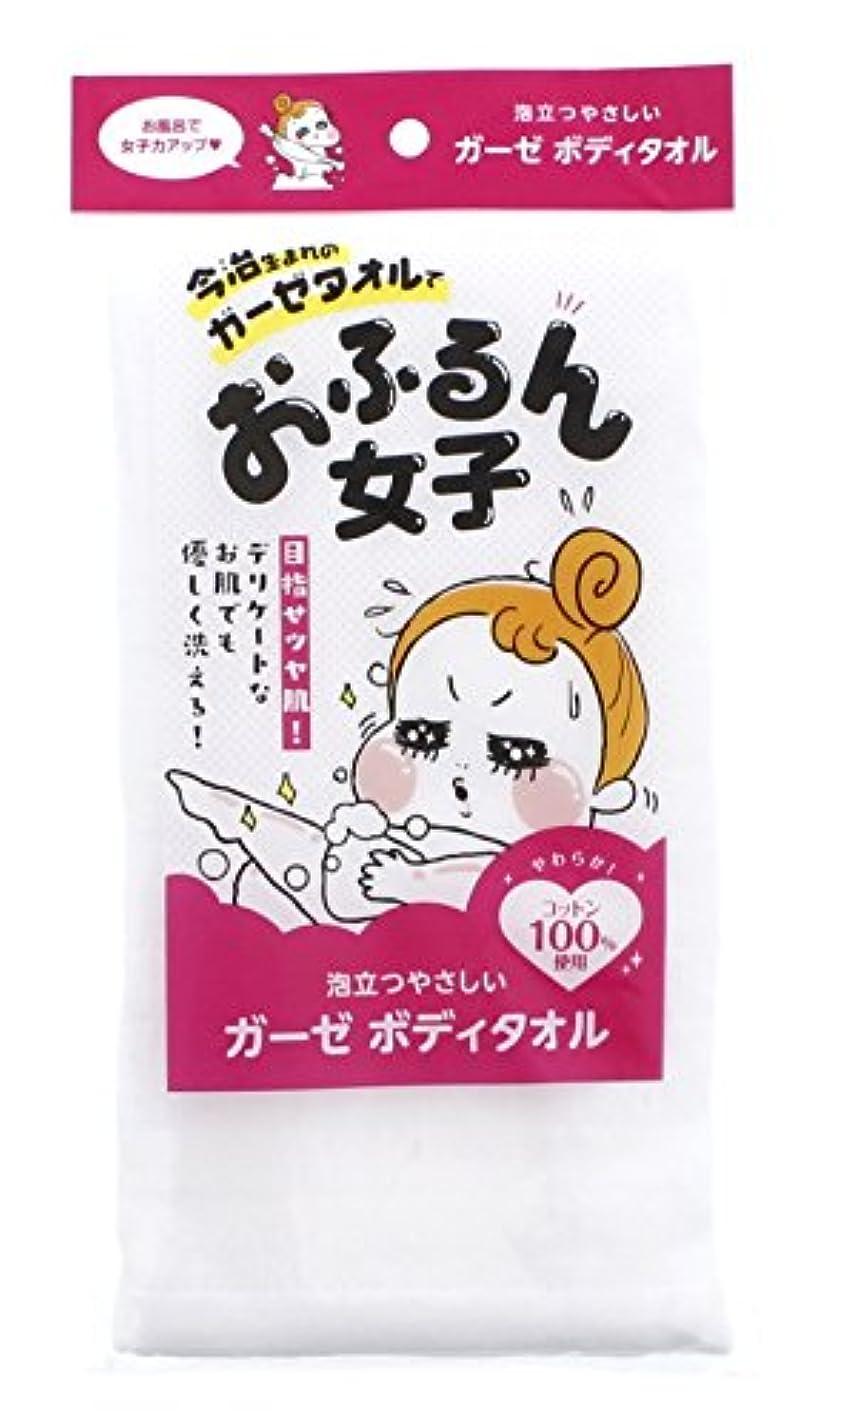 かすかなの配列死んでいる横田タオル ガーゼ ボディタオル ホワイト 約34×90cm おふるん女子 優しい泡立ち